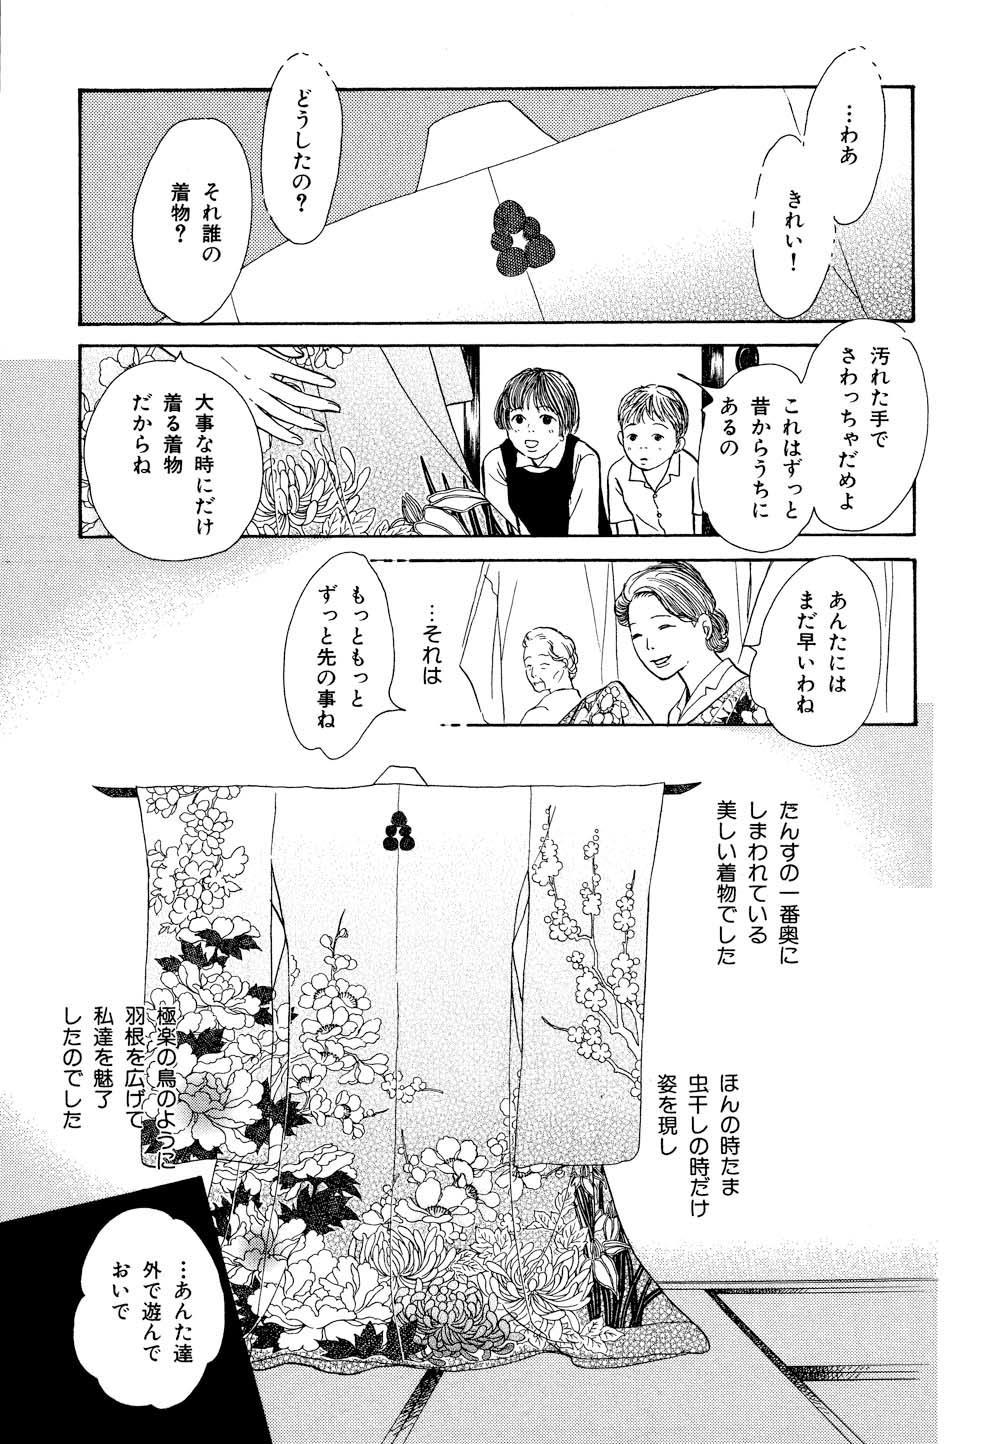 百鬼夜行抄_13_0073.jpg